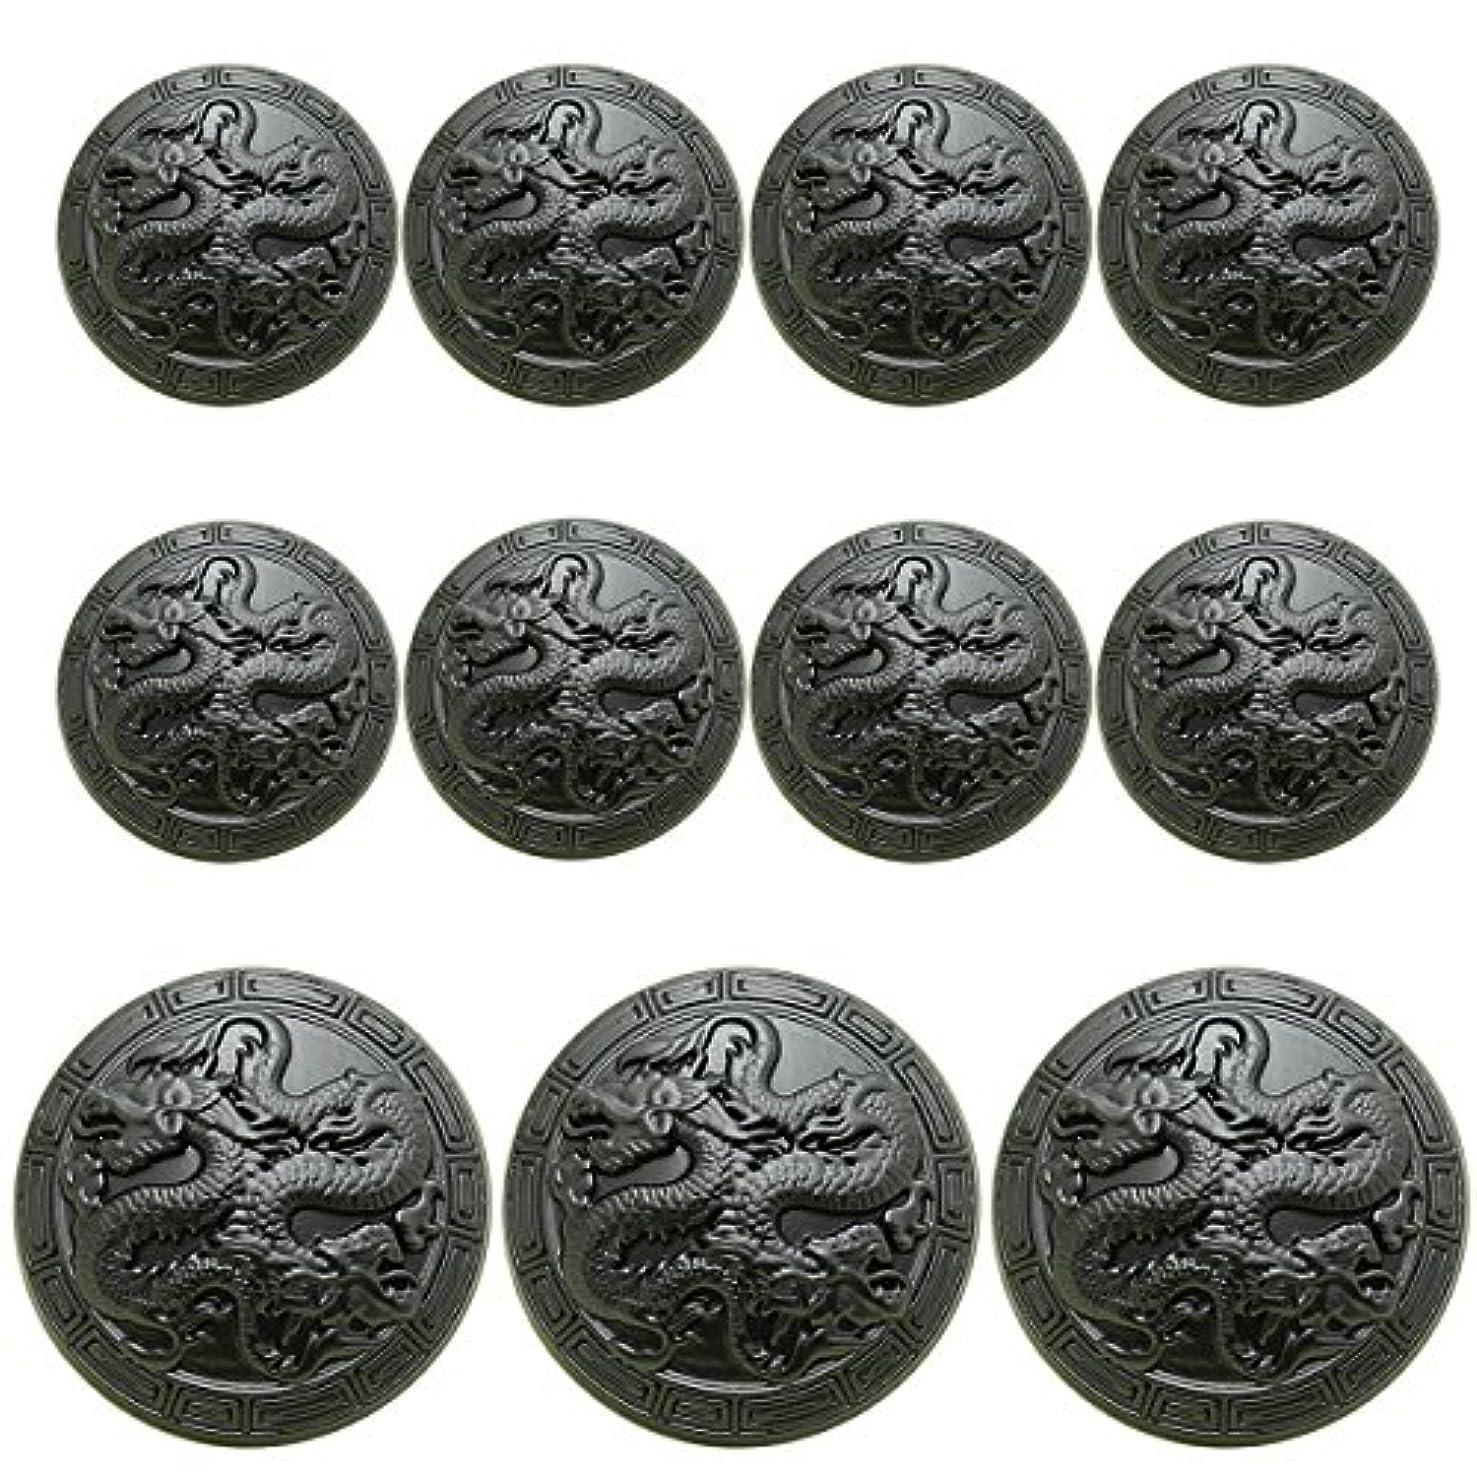 11 Piece Vintage Antiqued Silver Metal Blazer Button Set - Dragon - for Blazer, Suits, Sport Coat, Uniform, Jacket (Black)